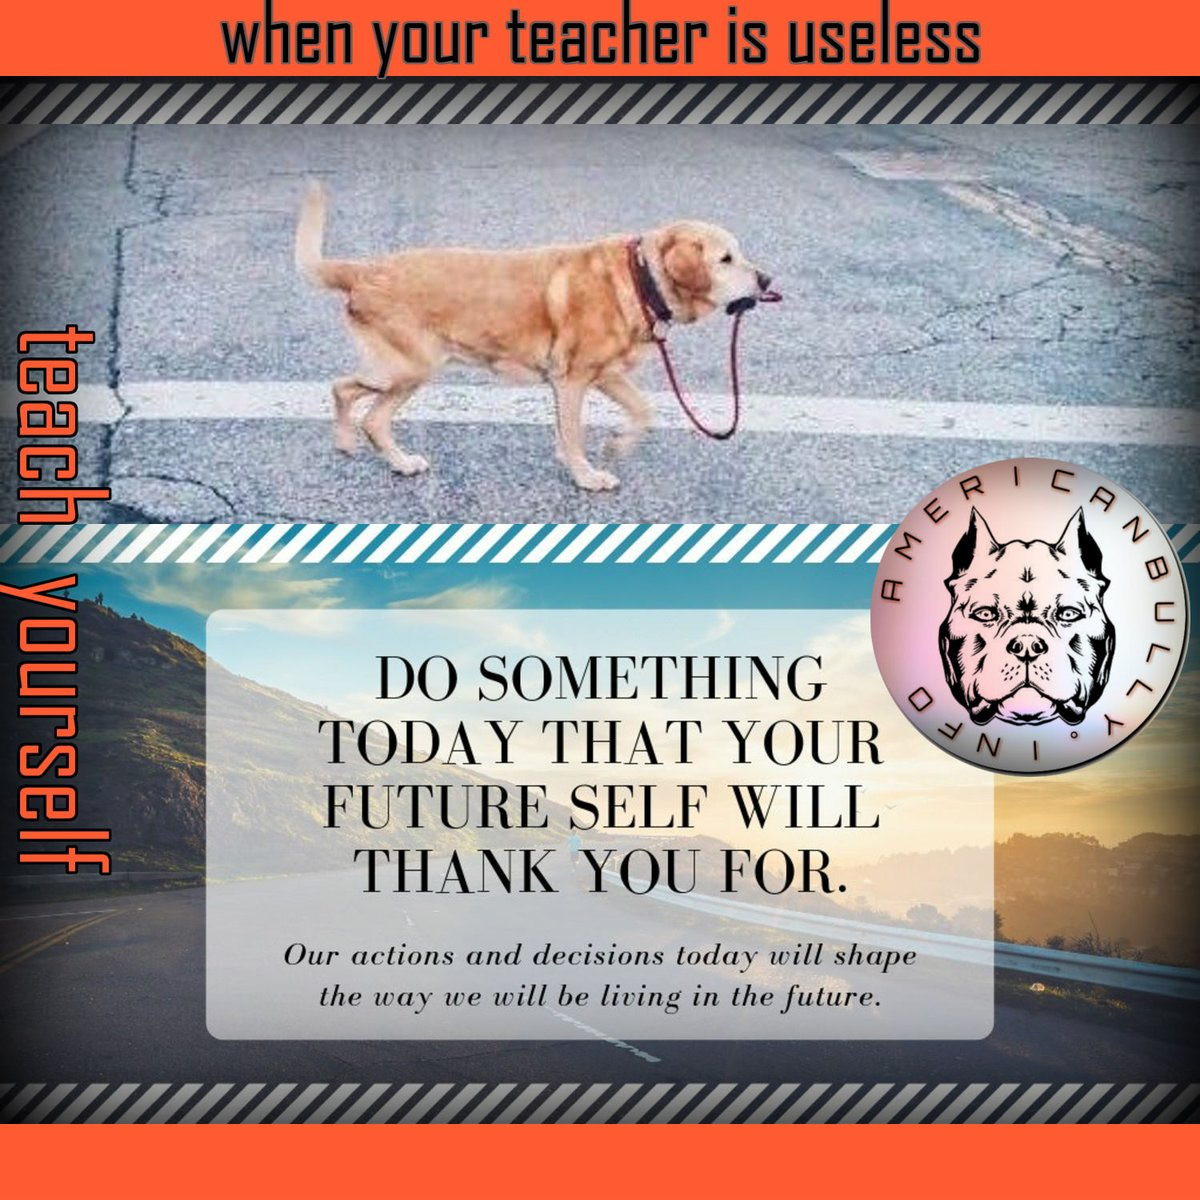 When your teacher is useless, teach yourself